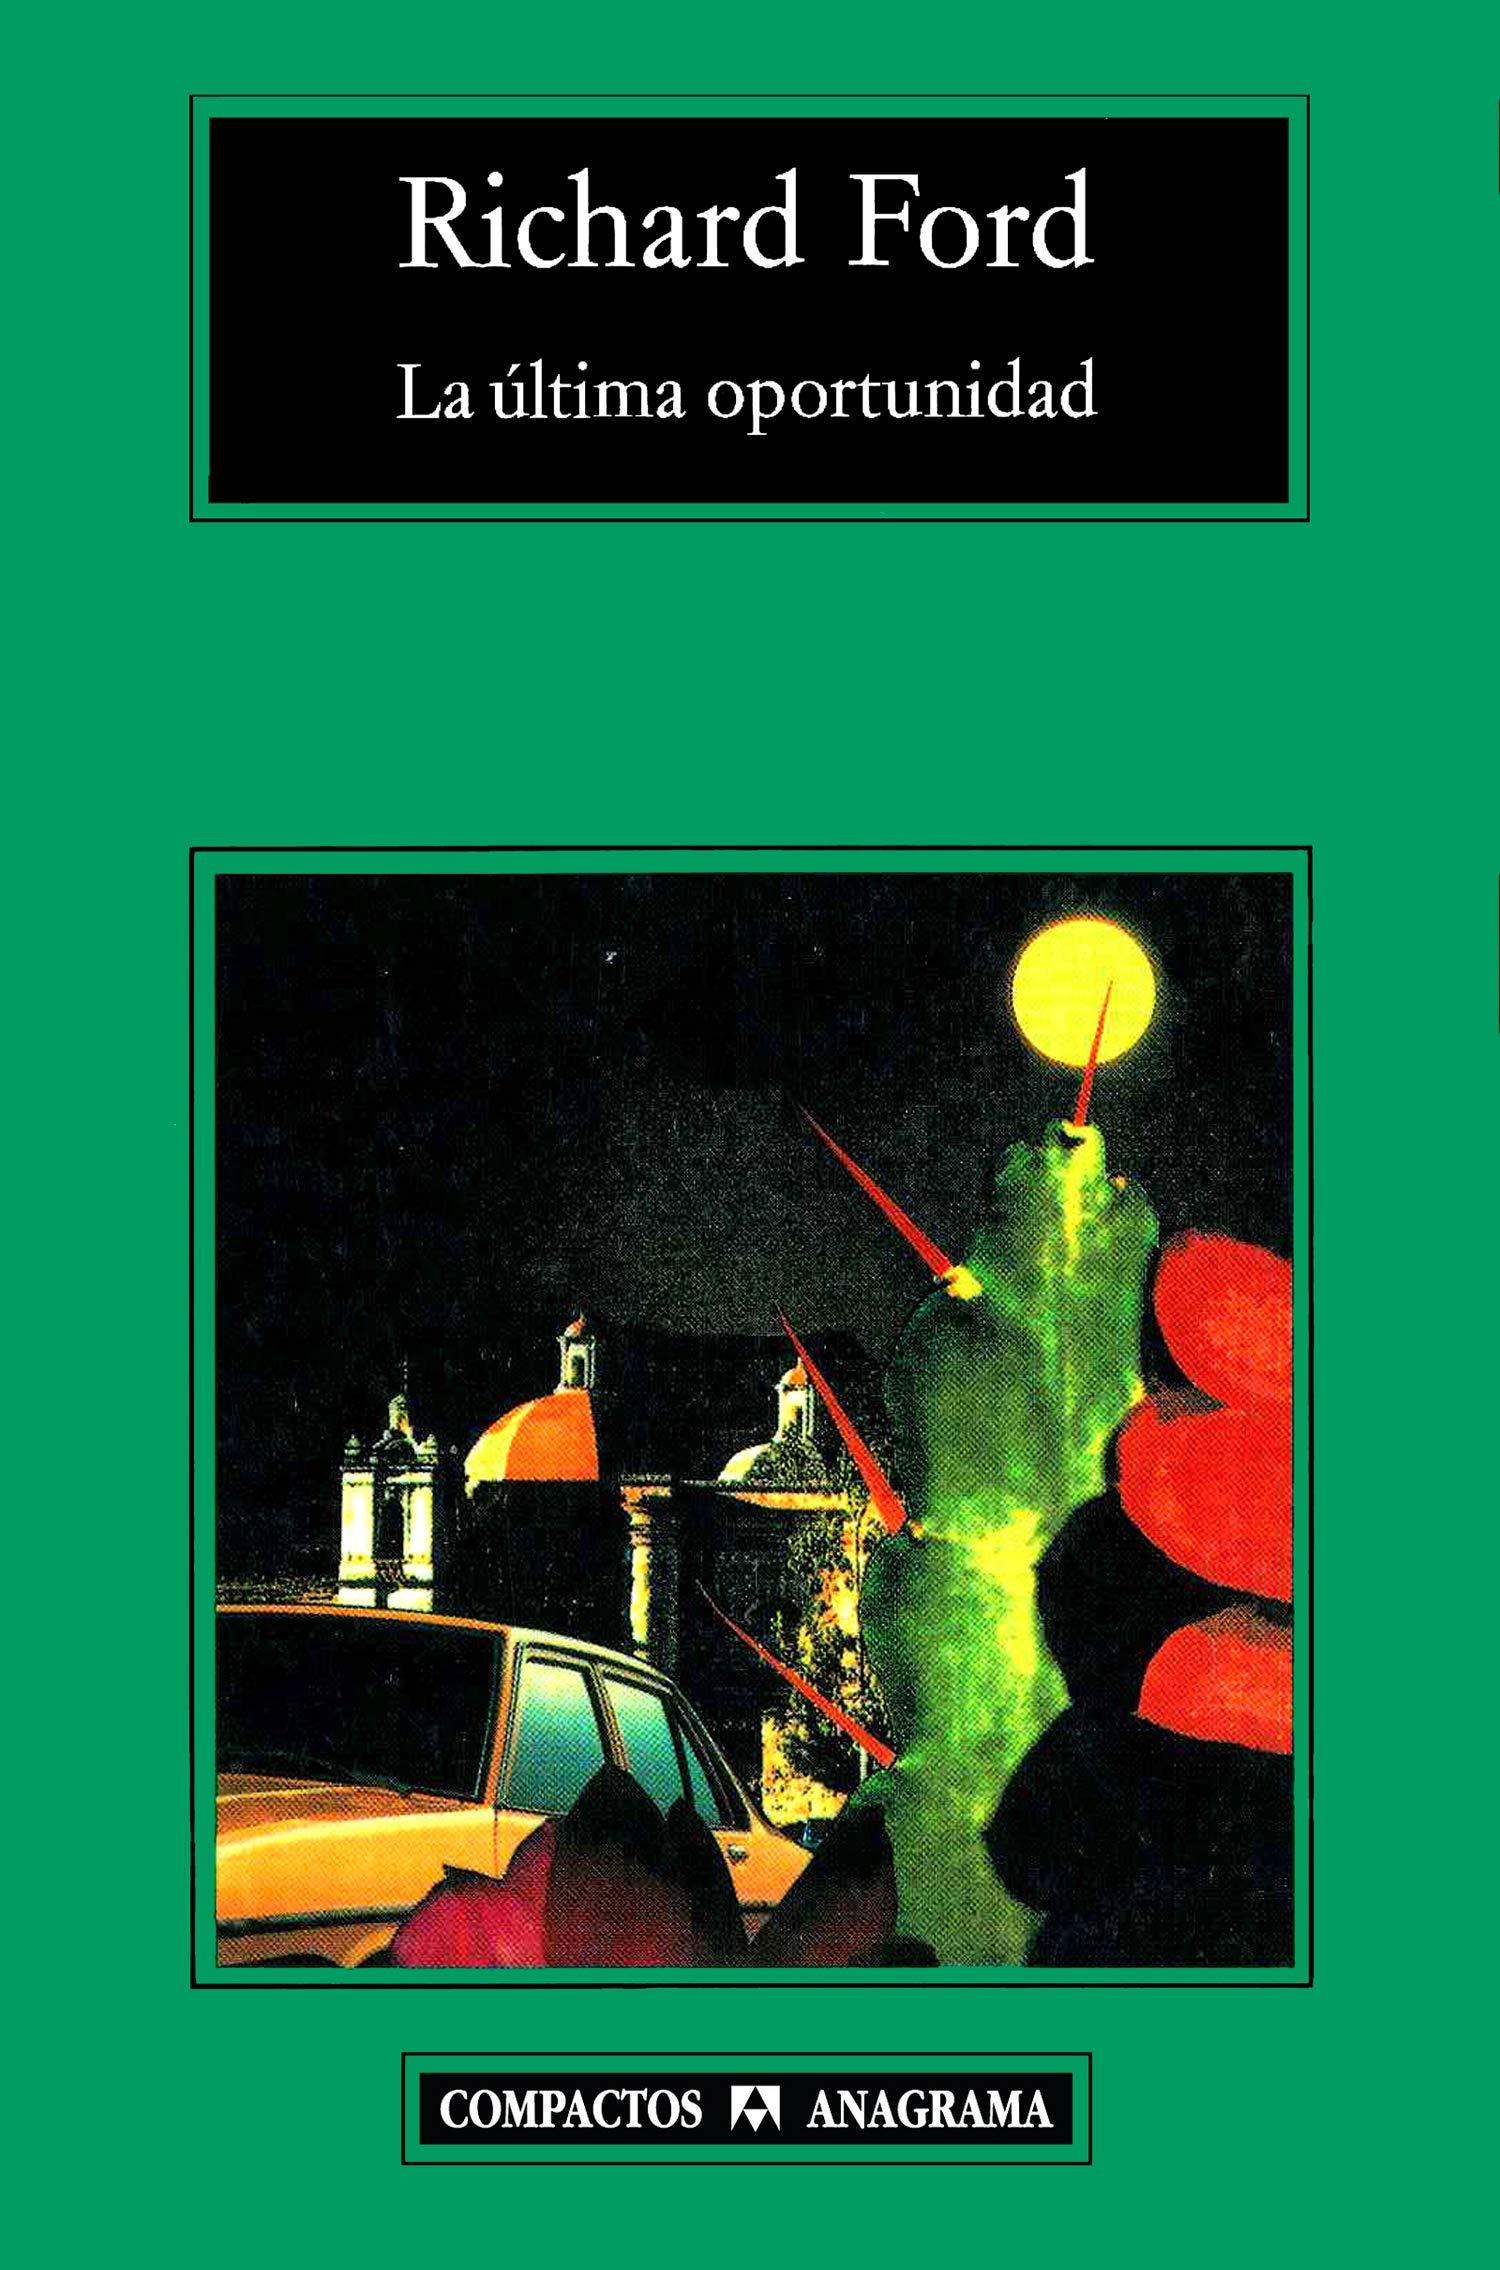 La última oportunidad (Compactos): Amazon.es: Ford, Richard, Mariano Antolín Rato: Libros